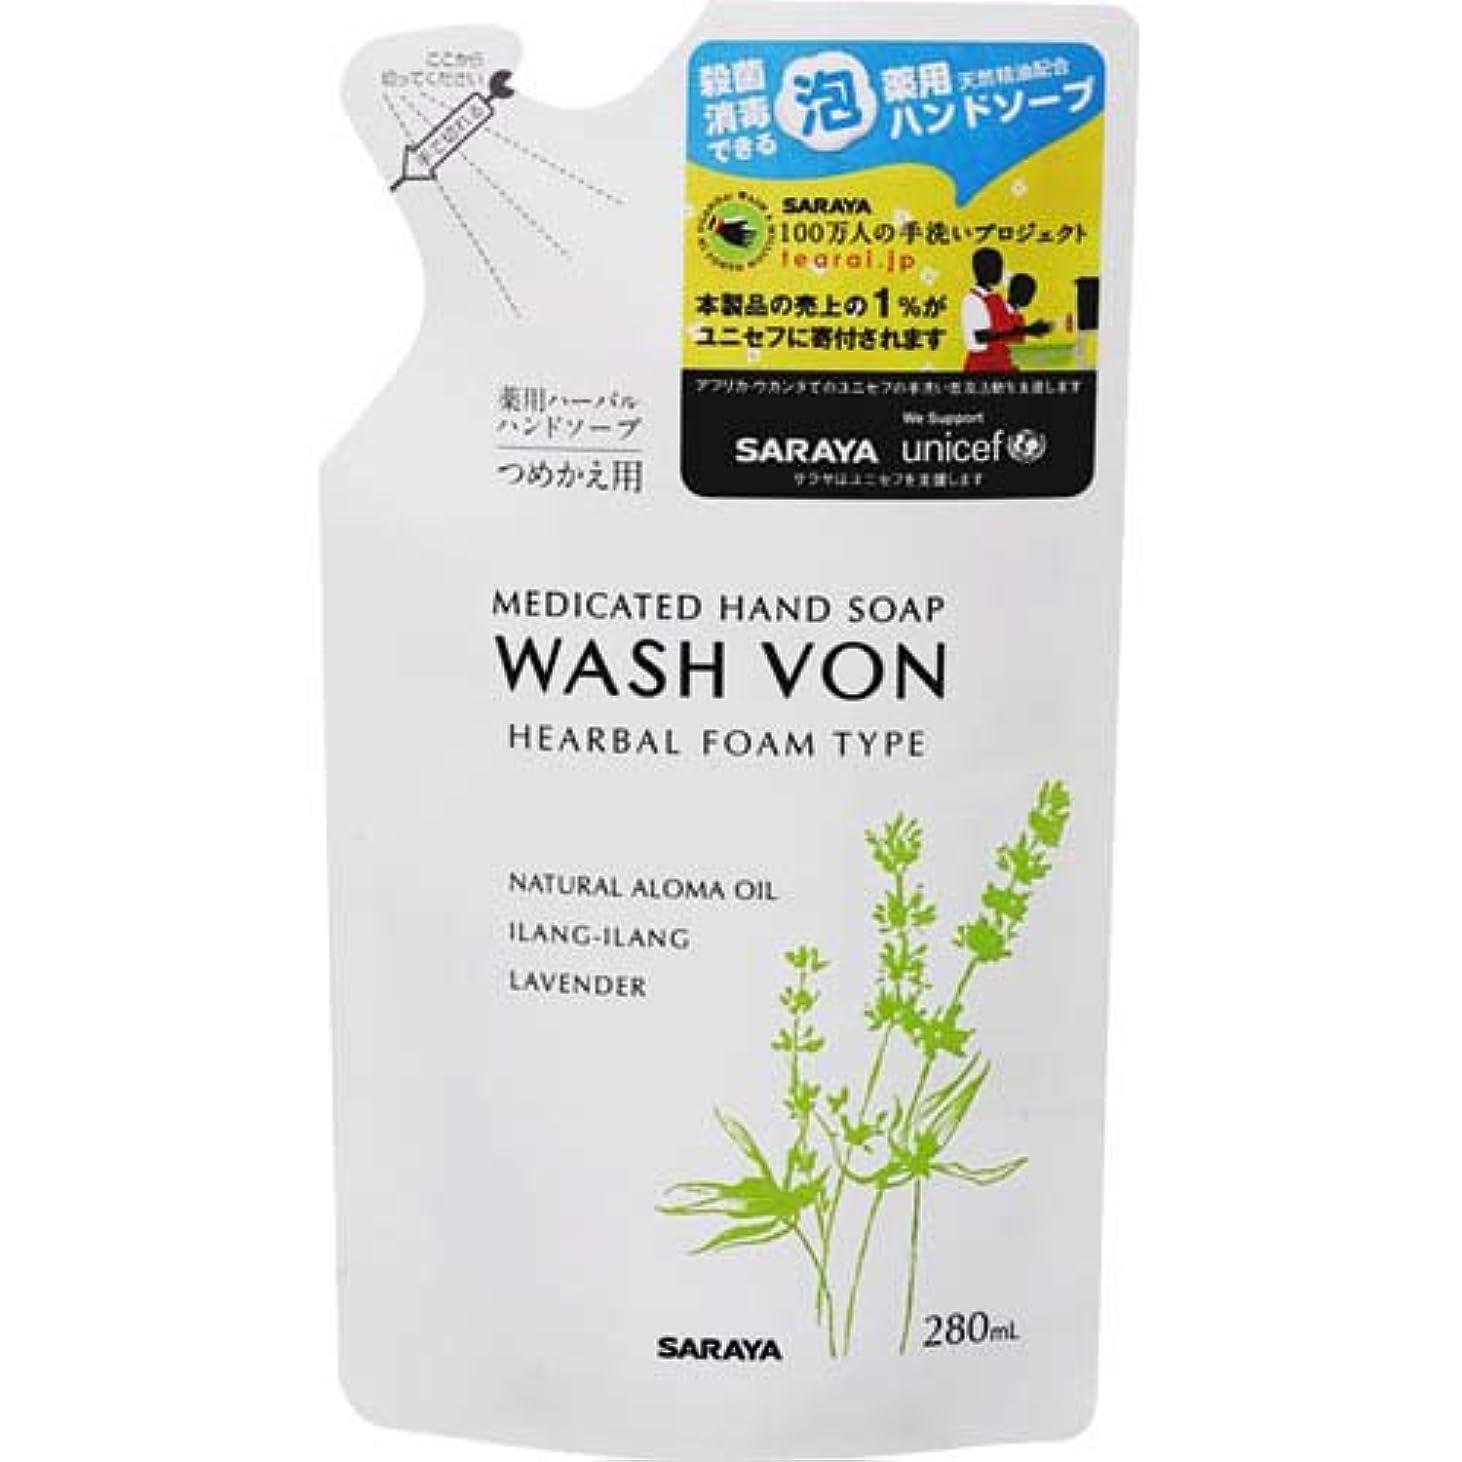 絶縁するグラス活気づけるWASH VONハーバル薬用ハンドソープ 詰替 280ml